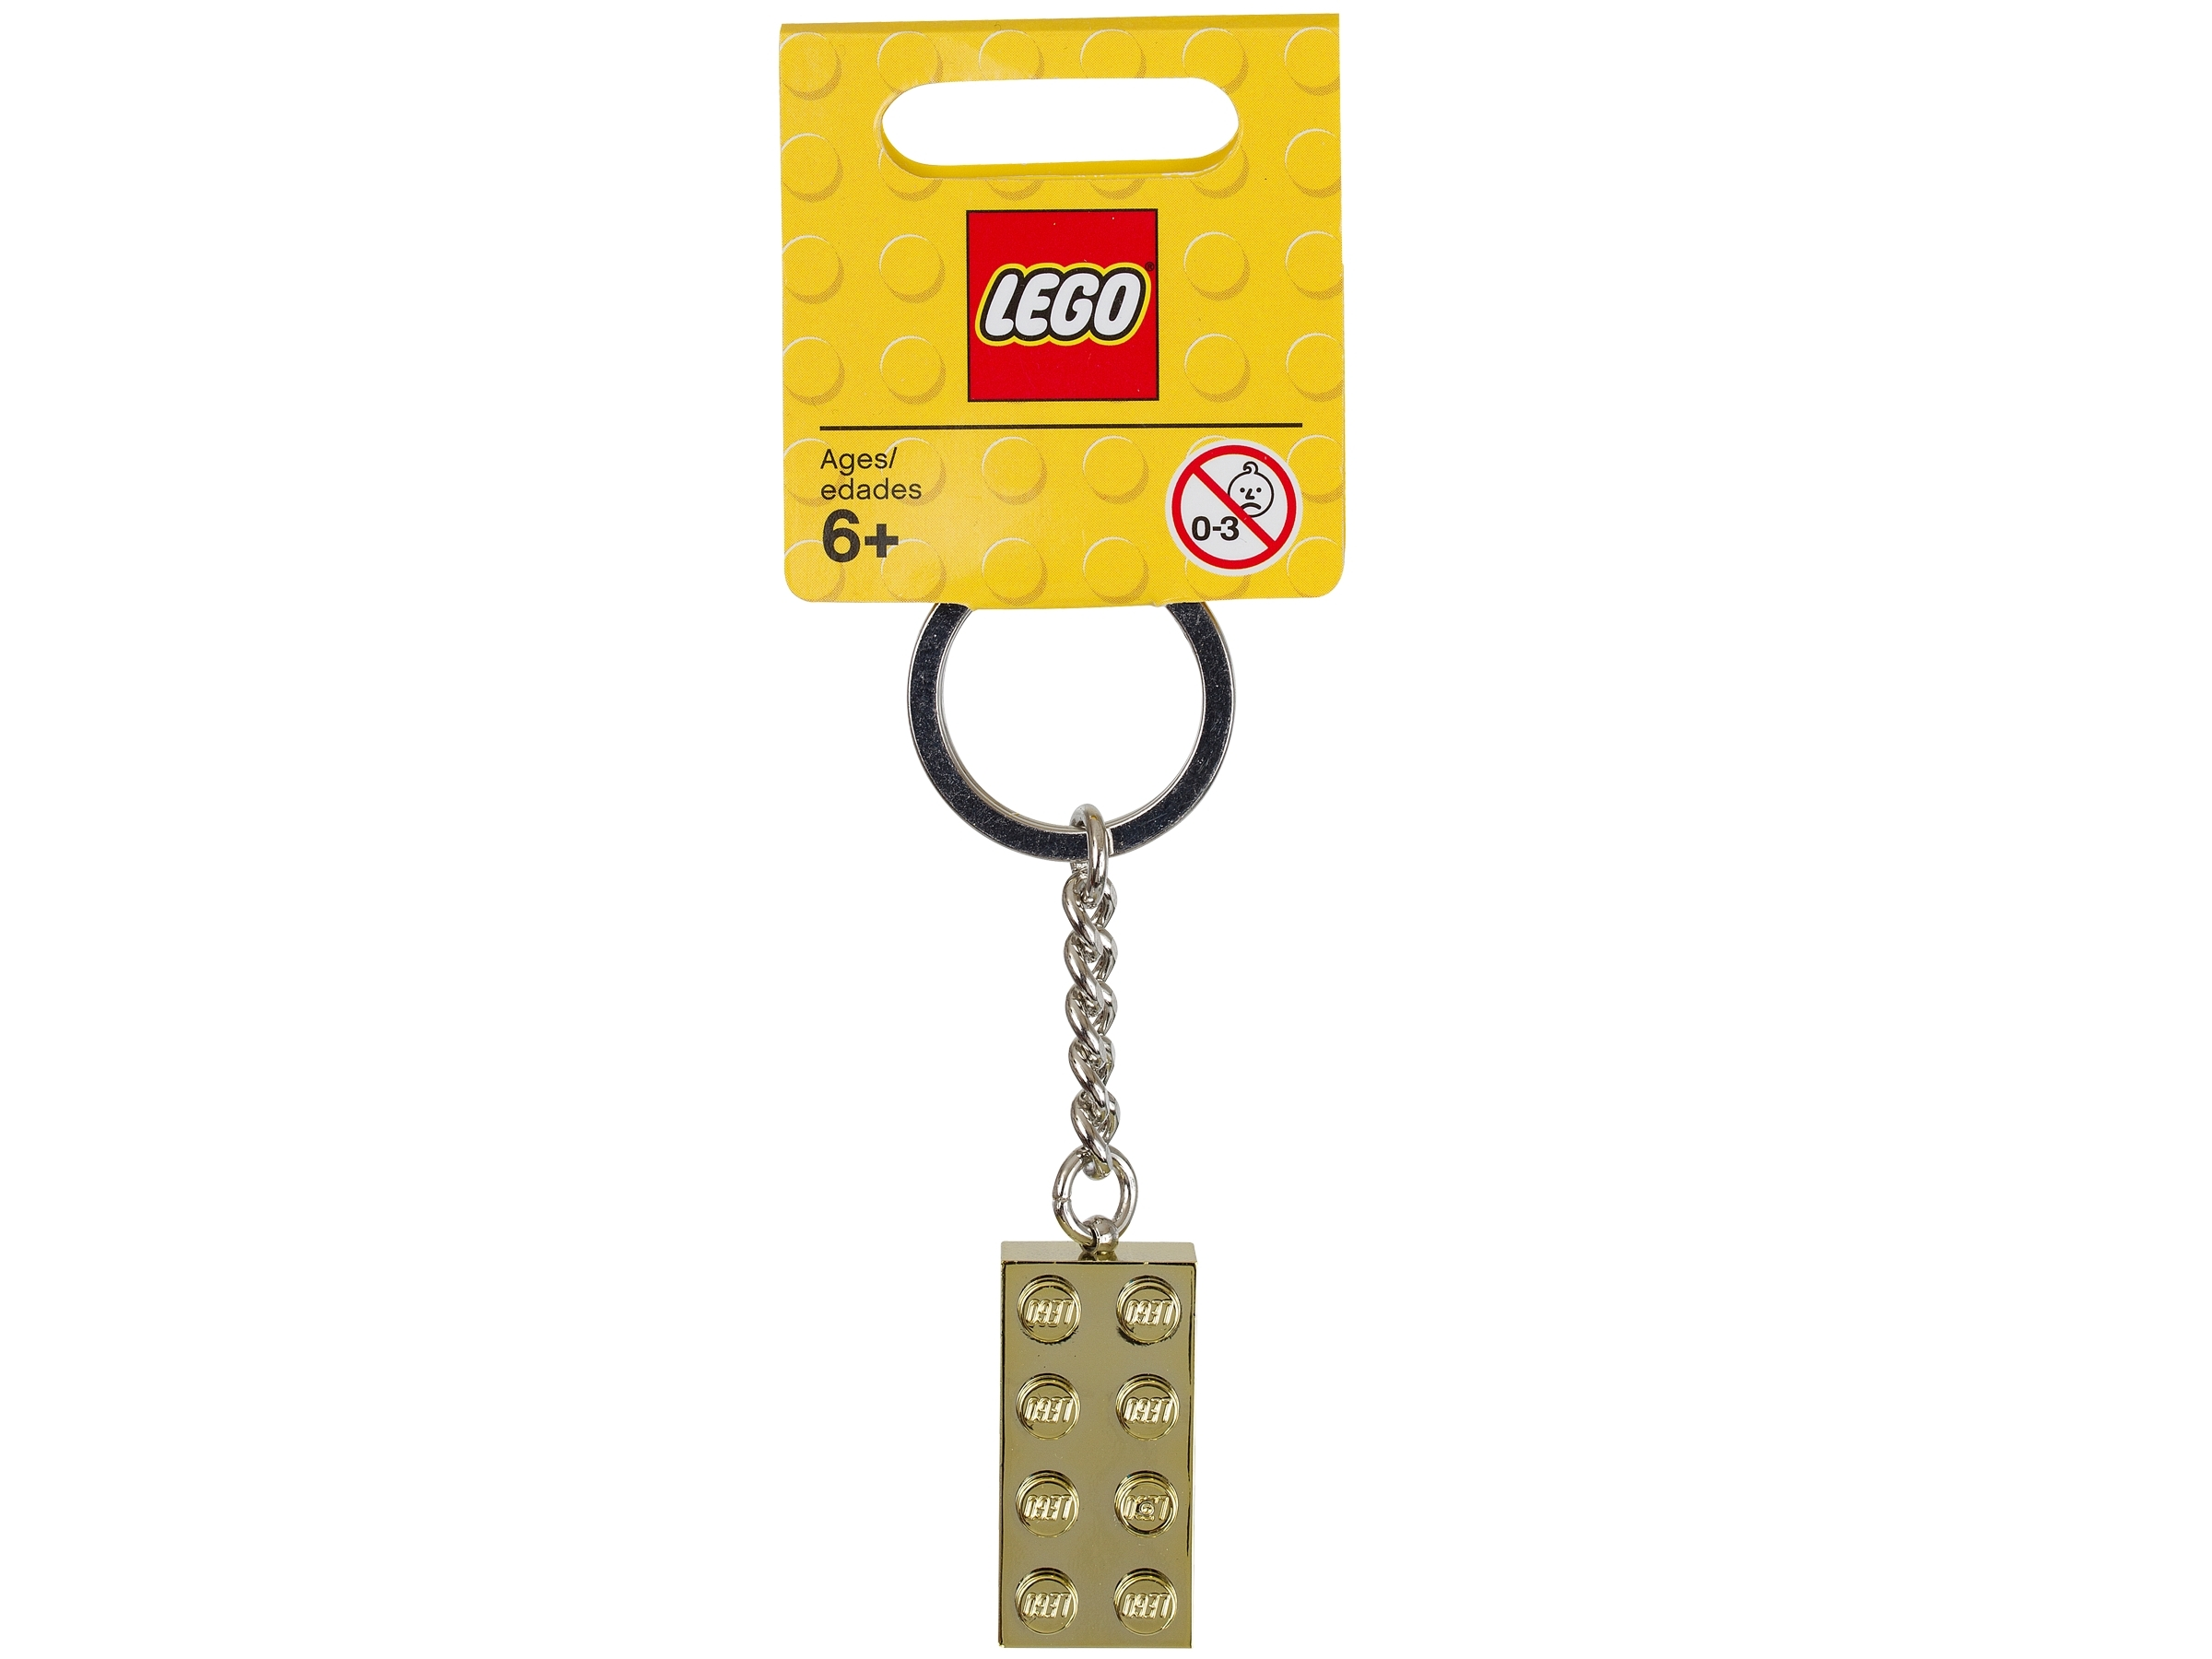 brelok do kluczy ze zlotym klockiem lego 850808